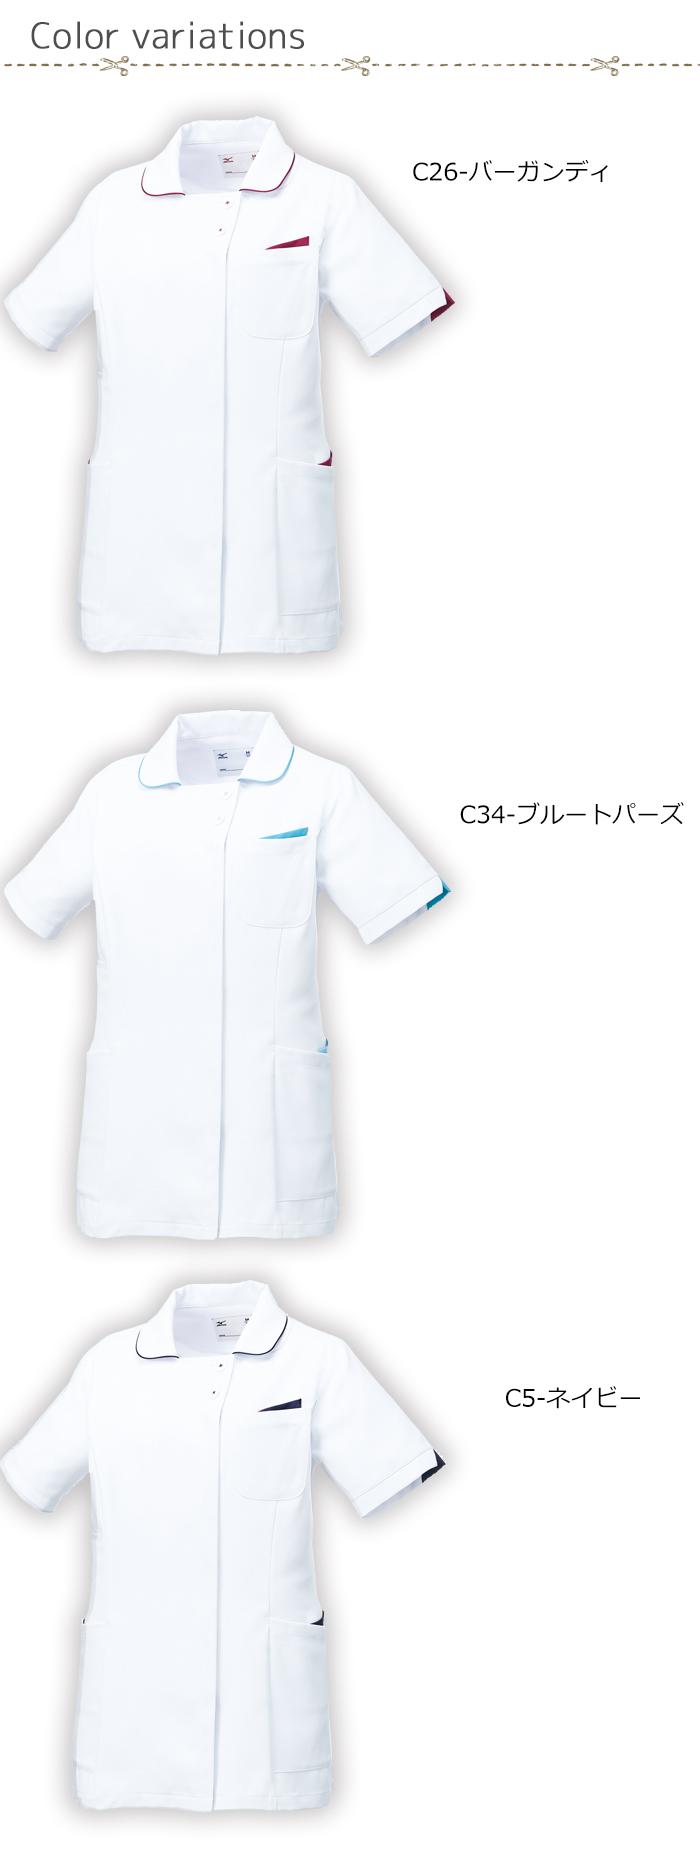 MZ0160 ジャケット 色展開画像